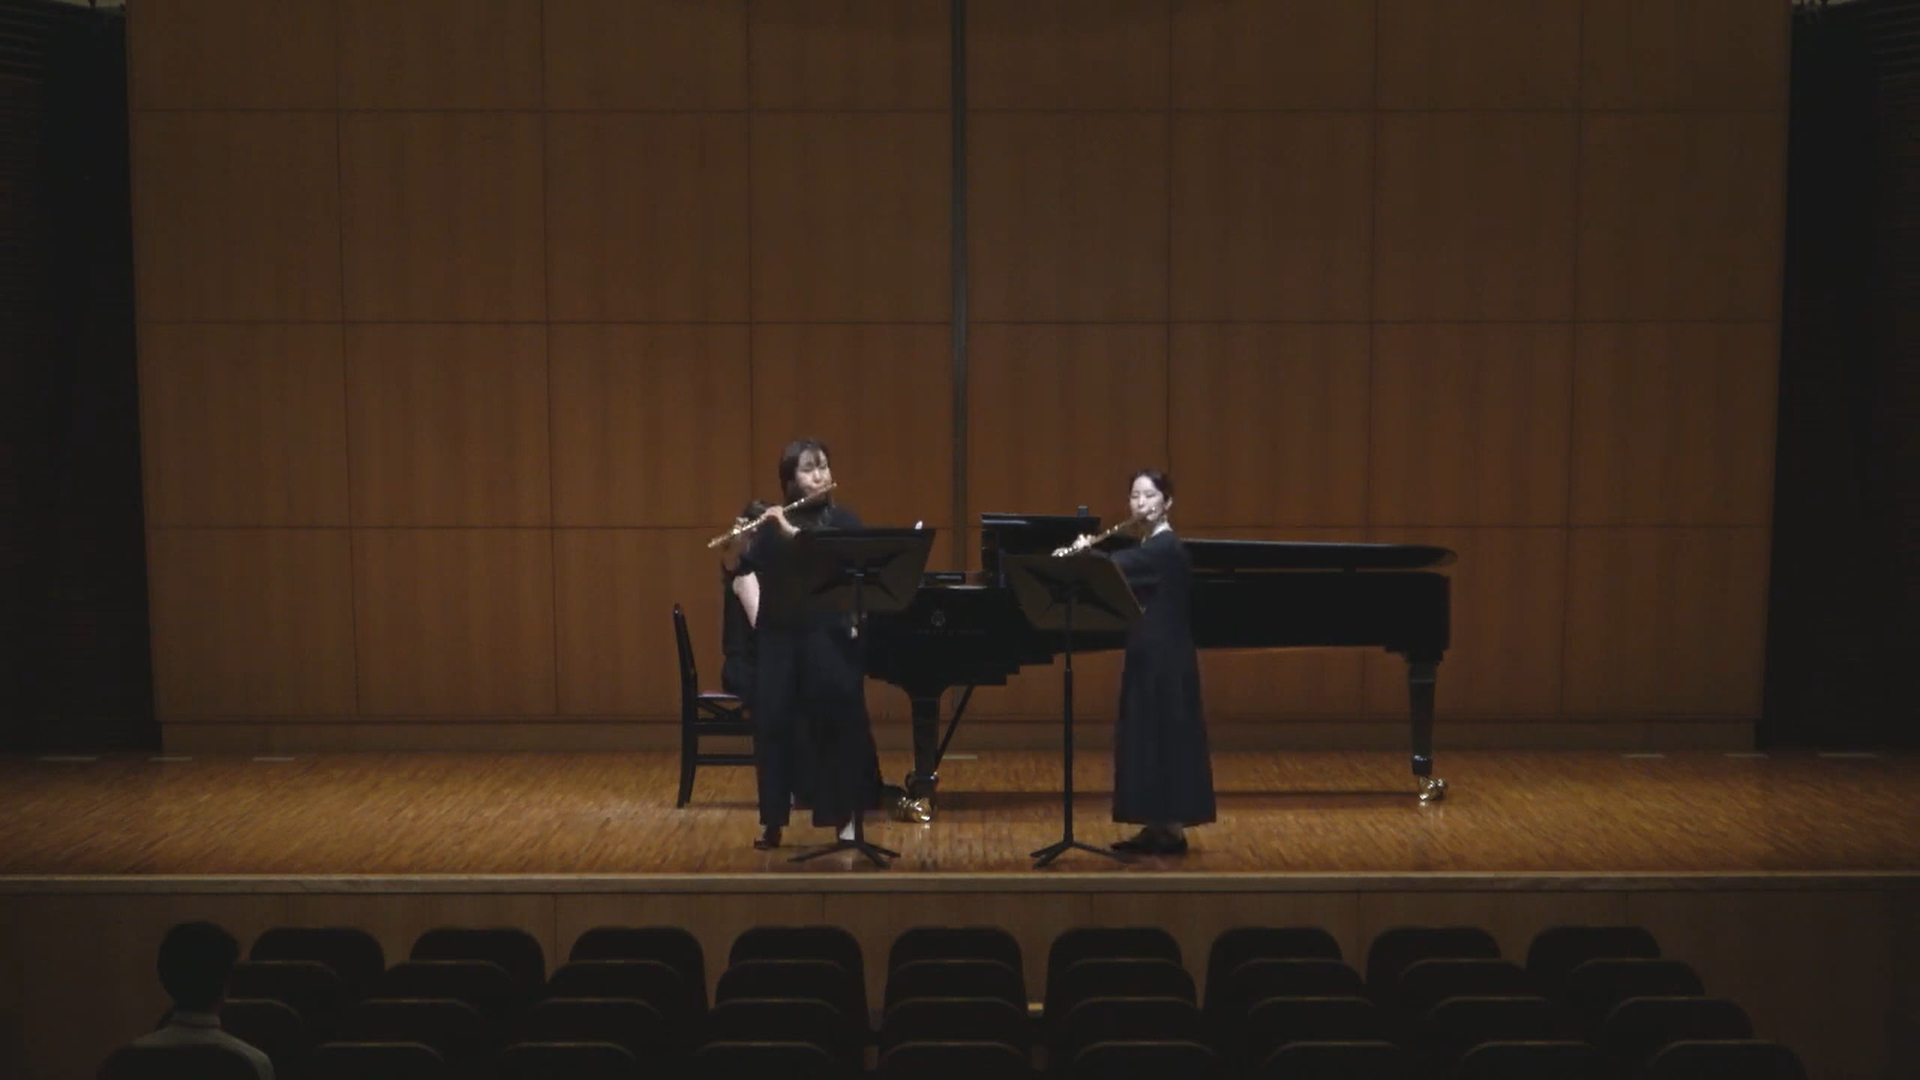 ユニバーサルフルートオーケストラジャパン(UFO)コンサートマスター、植田恵子先生と生徒さんのフルートデュオ。